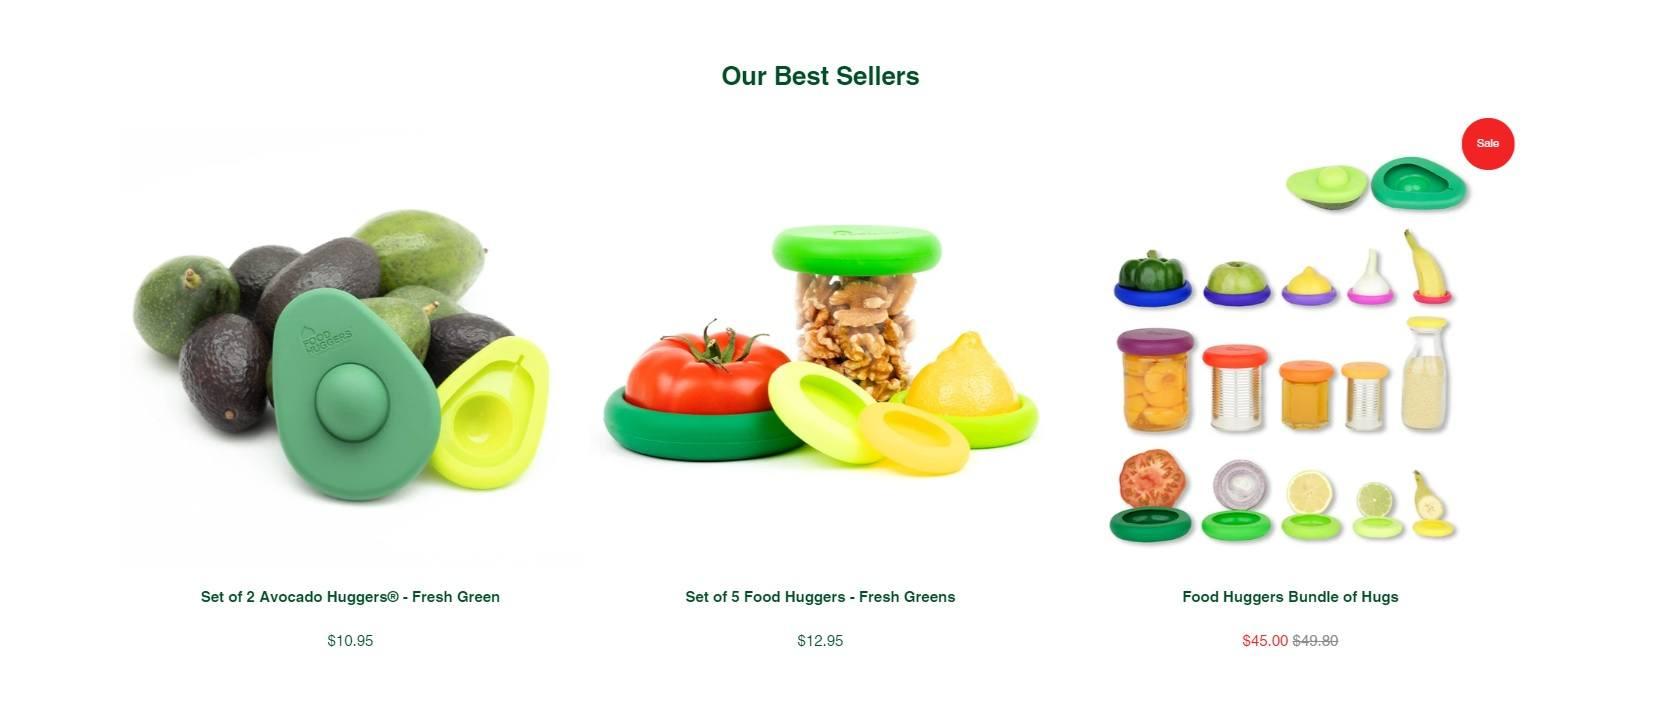 Food Huggers Best Sellers